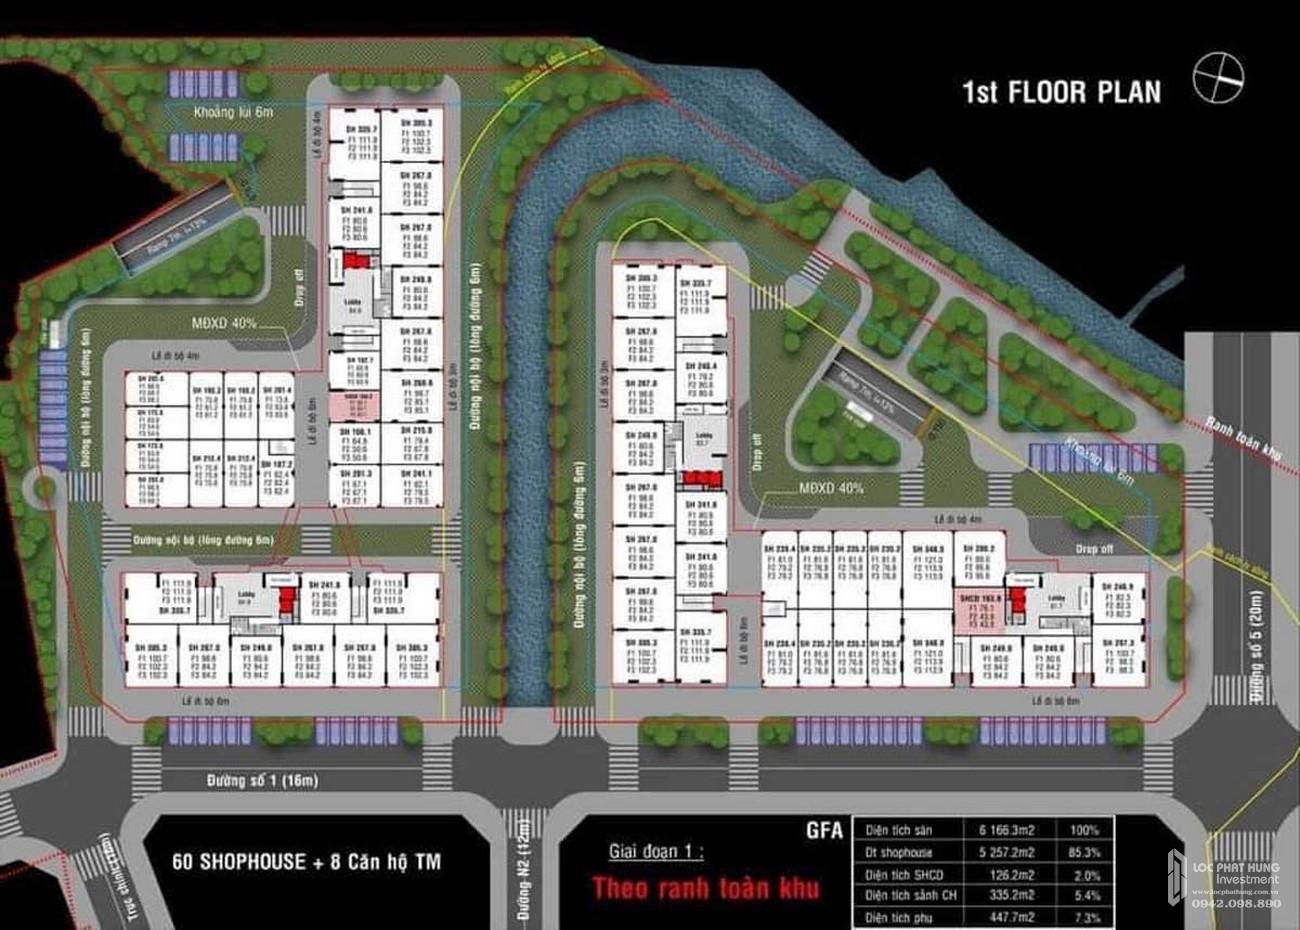 Mặt bằng dự án căn hộ chung cư Dragon Sky View Thủ Đức Đường Tô Ngọc Vân chủ đầu tư Hưng Phú Investment